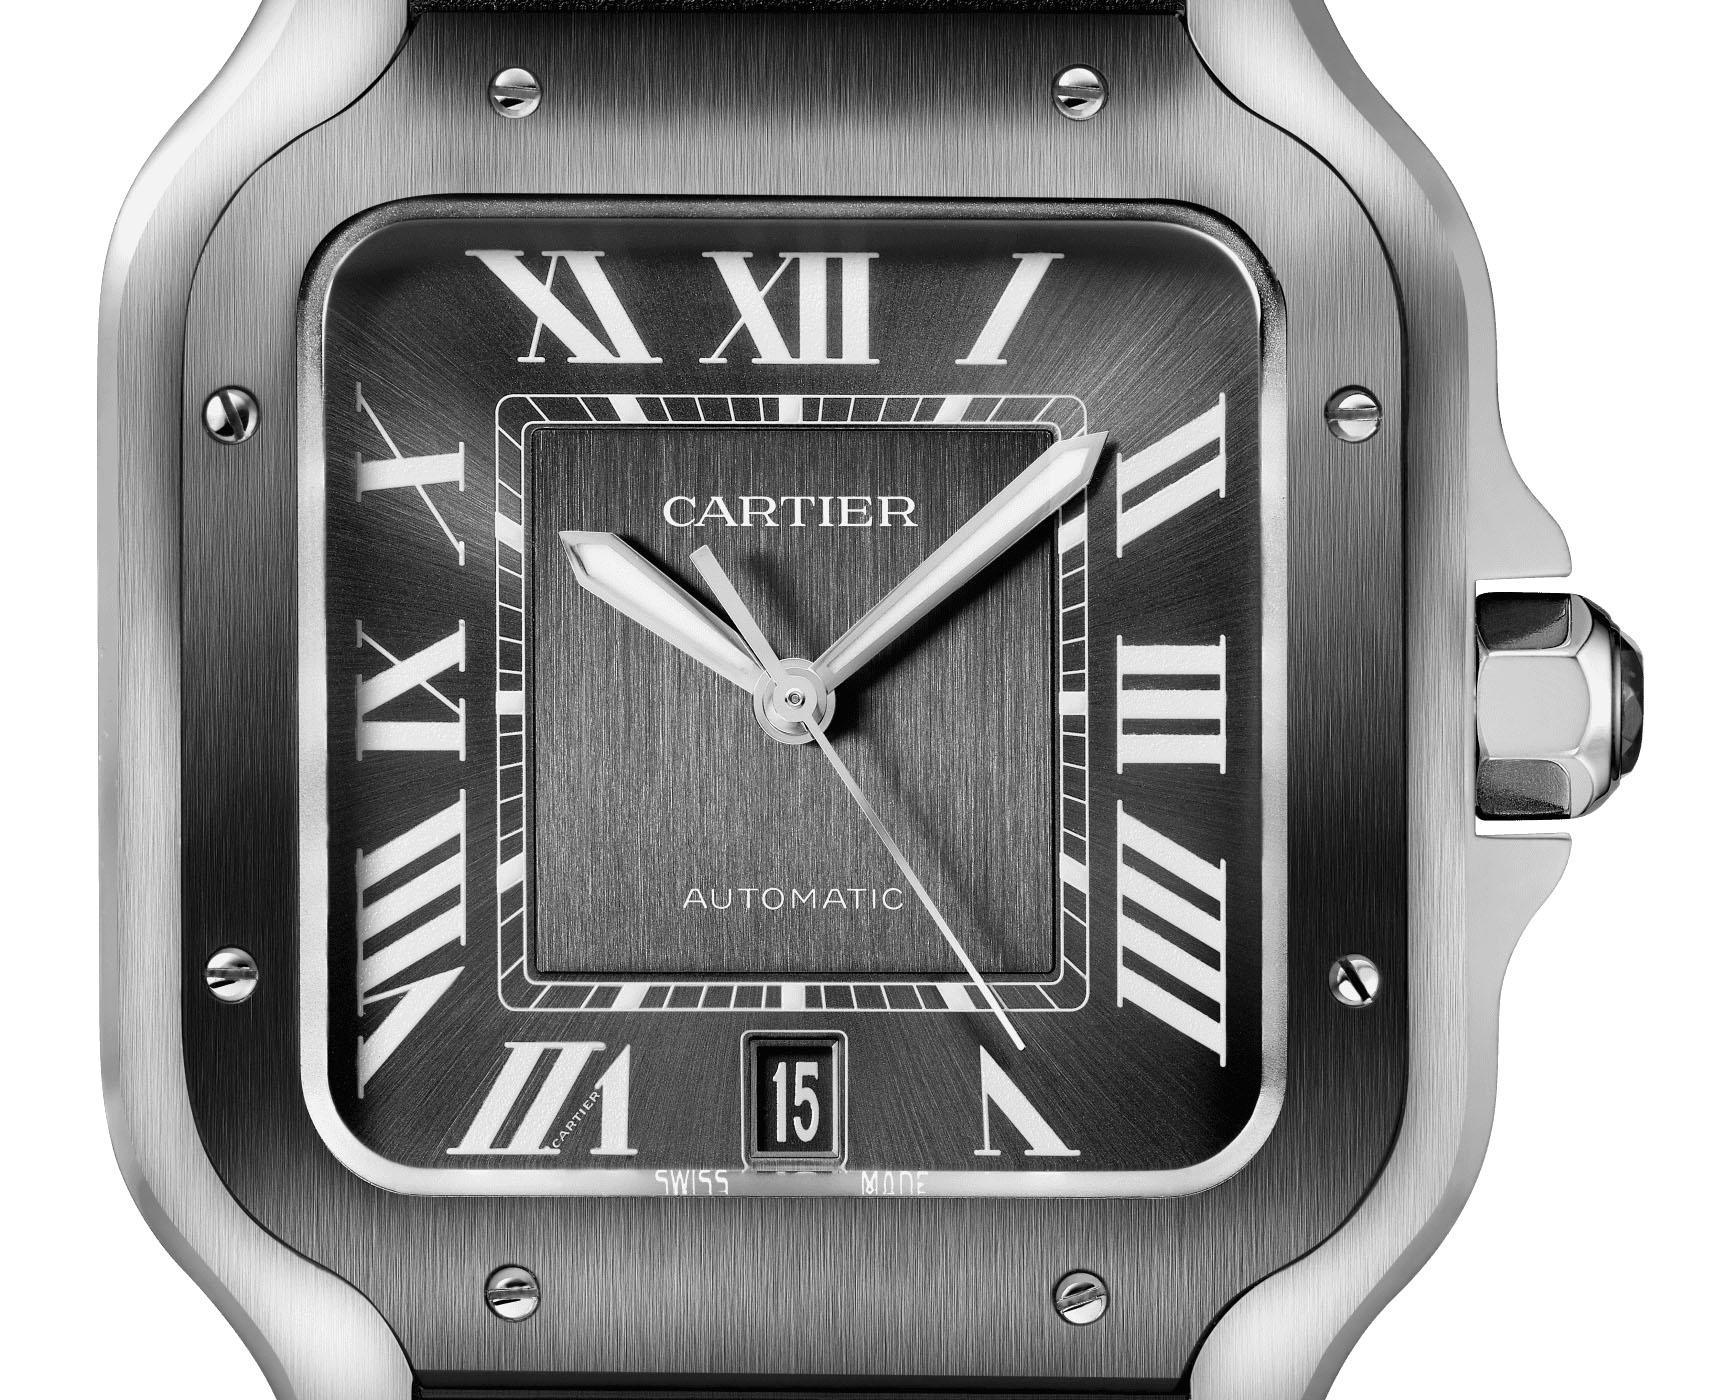 2020 Santos de Cartier ADLC Black